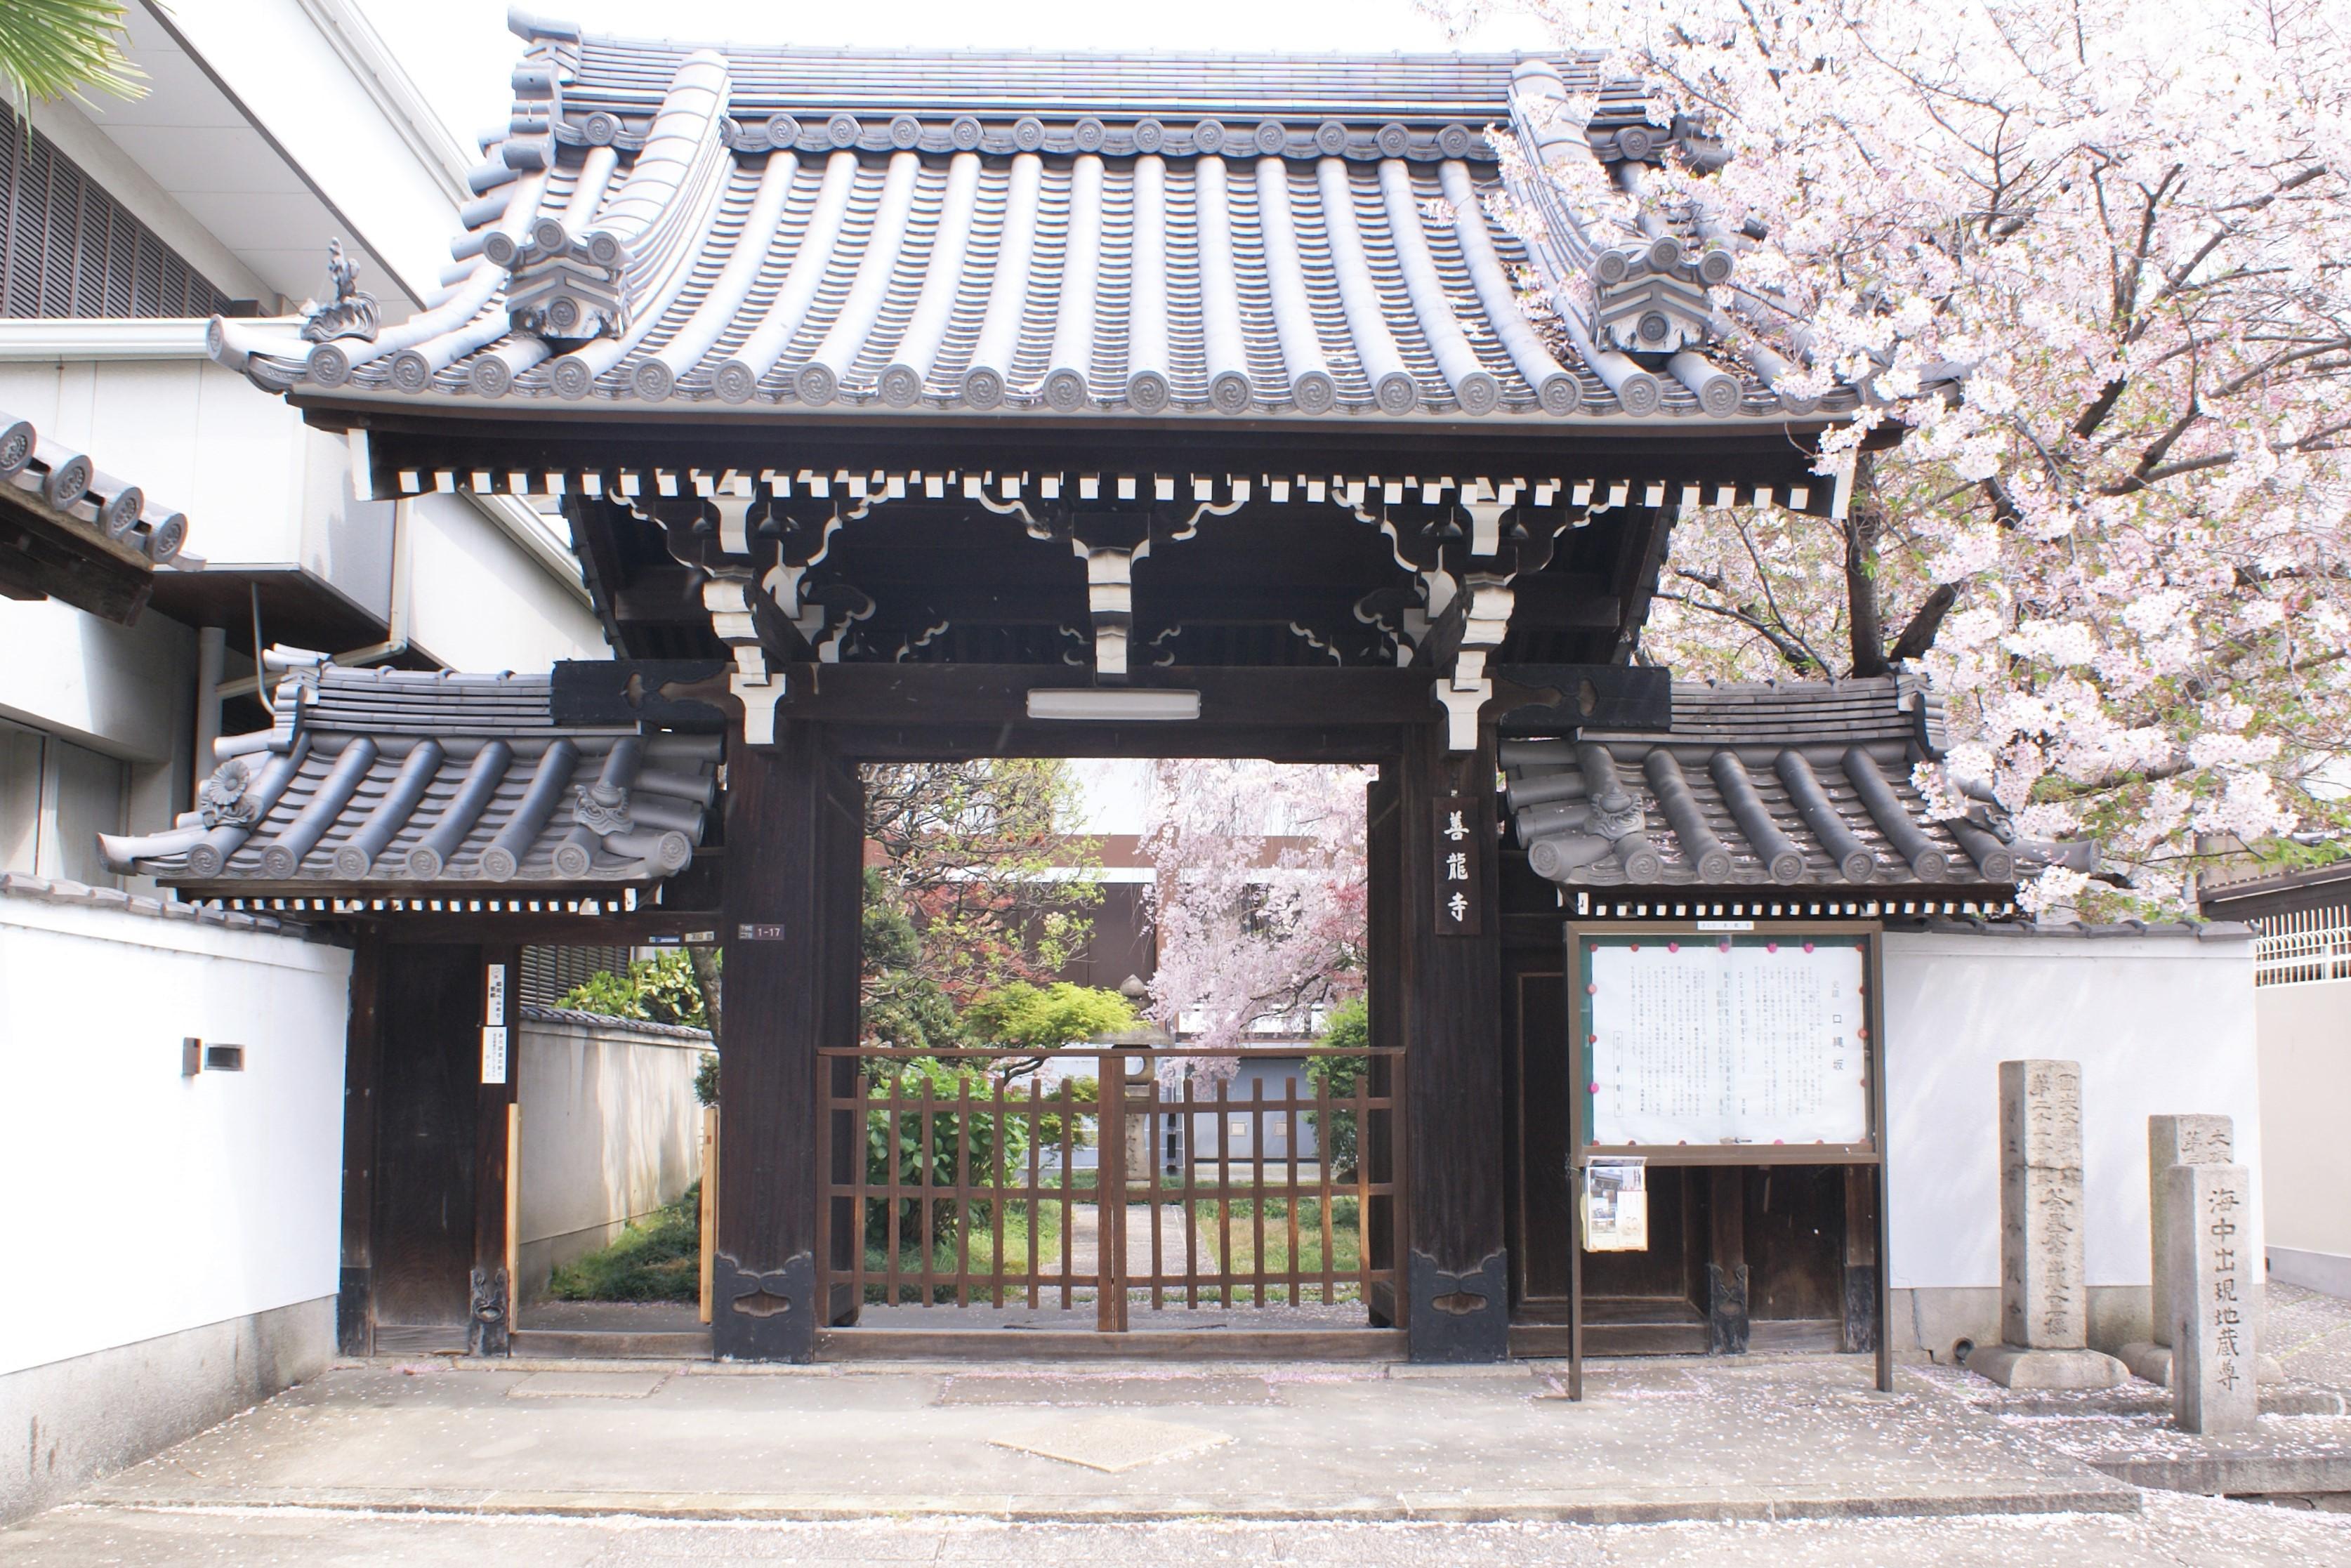 <p>薬医門形式的山門正面</p>開間2.7m的薬医門形式,懸山本瓦頂,左右設置帯有小門的附垣。薬医門是在二根門柱的後方有二根控柱,屋頂為懸山,是近世的代表性的門。